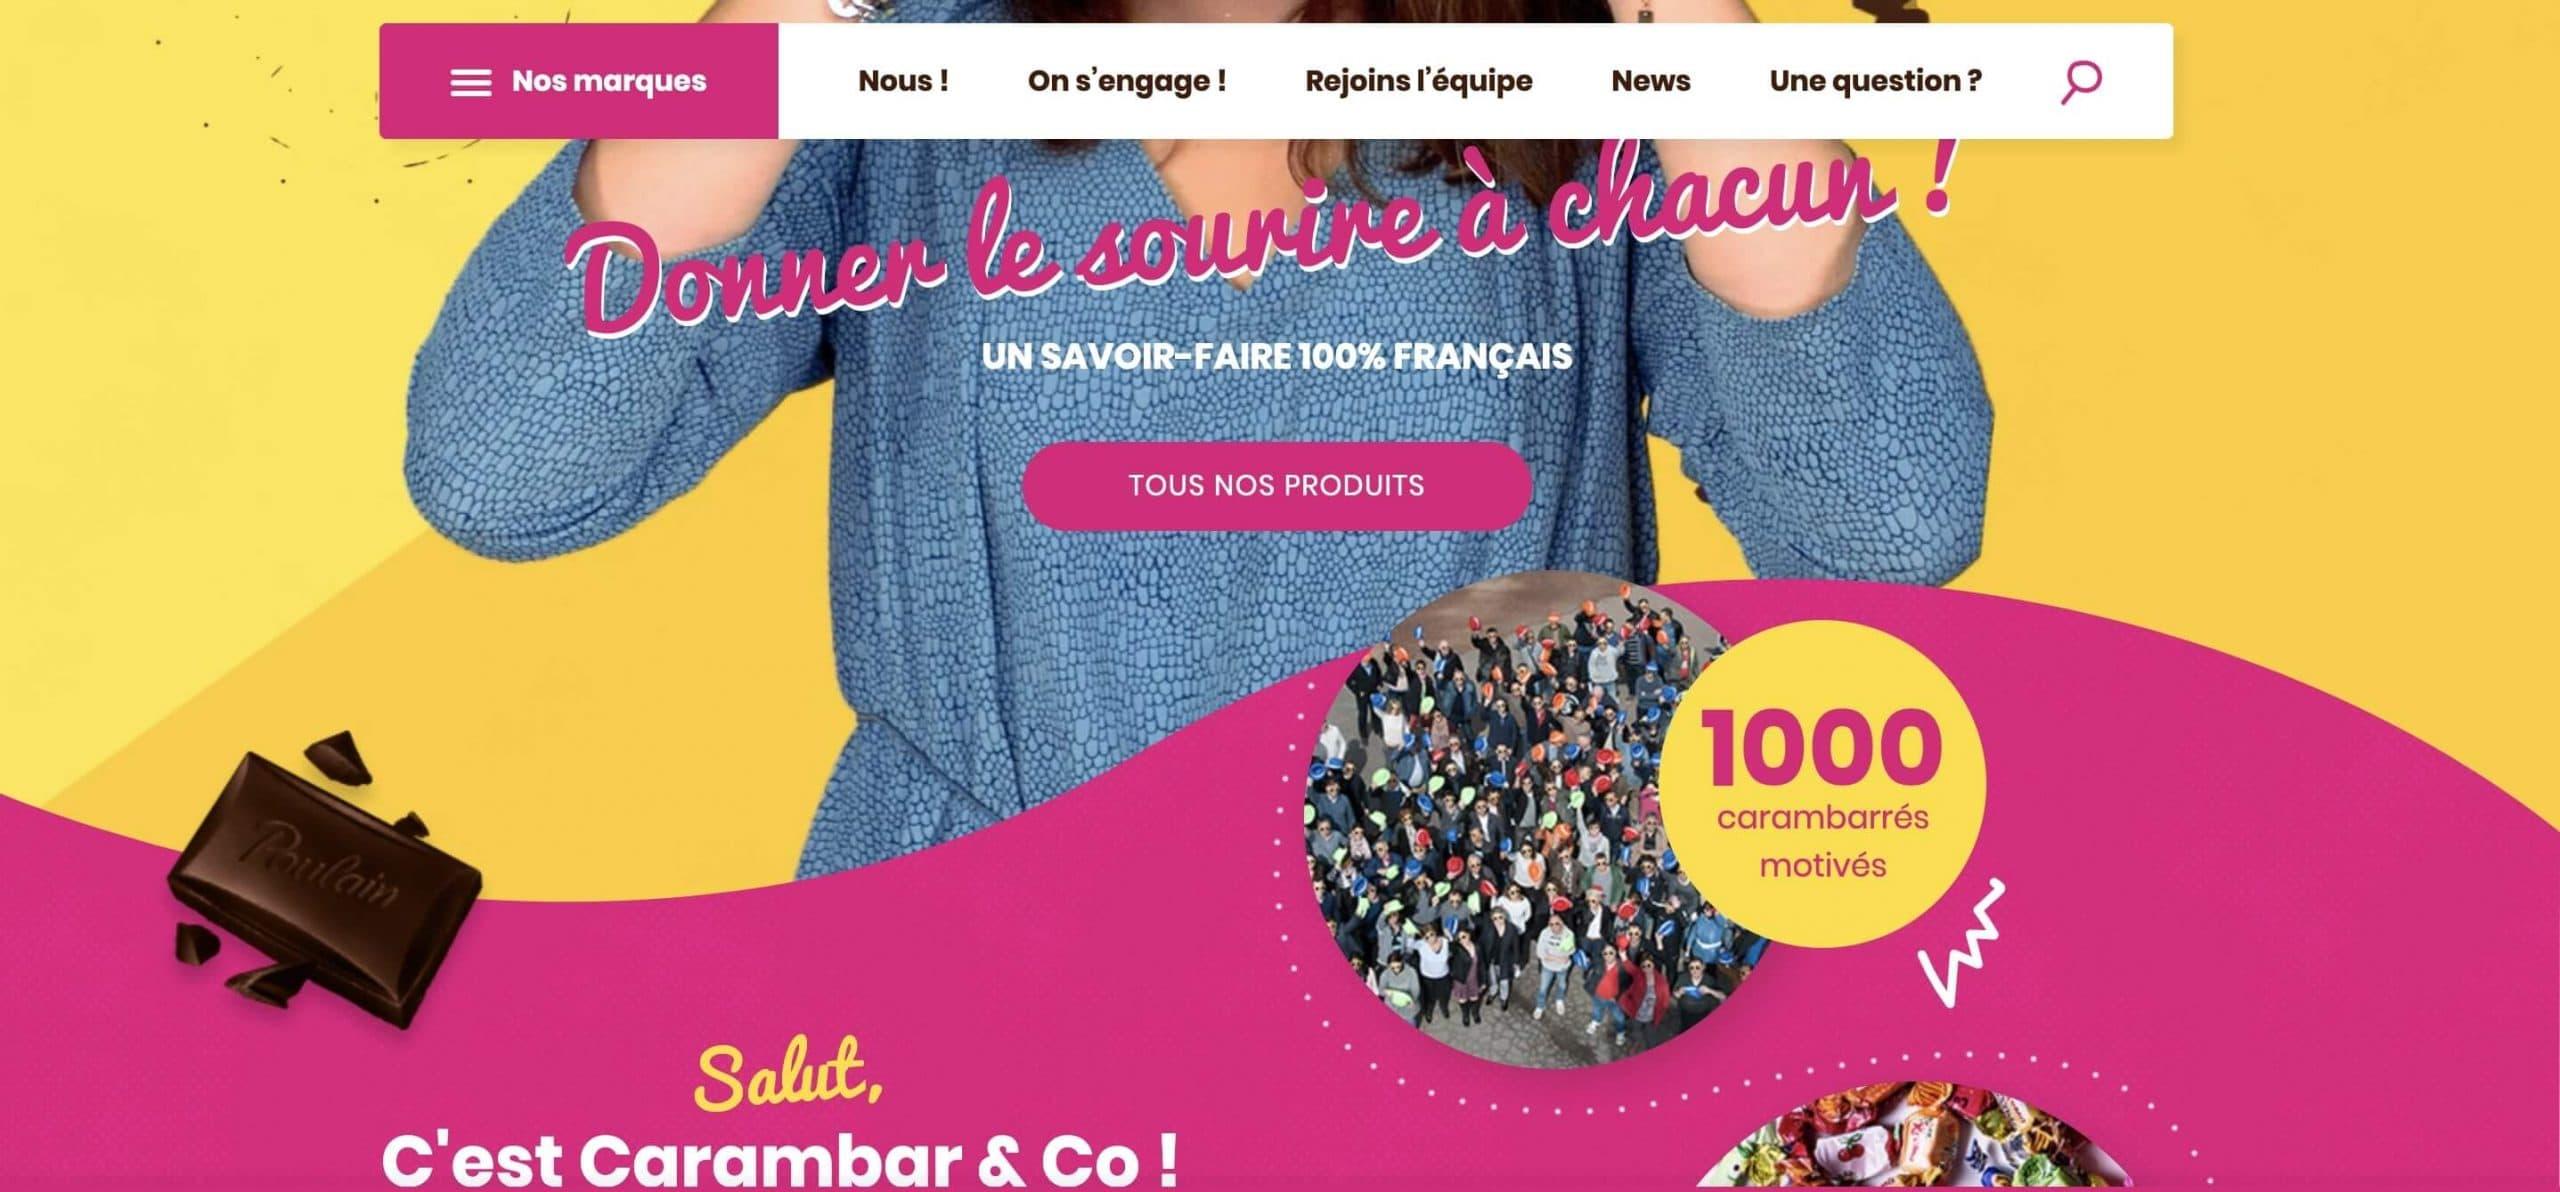 Exemple de la signification des couleurs : utilisation de la couleur rose sur le site internet de Carambar.